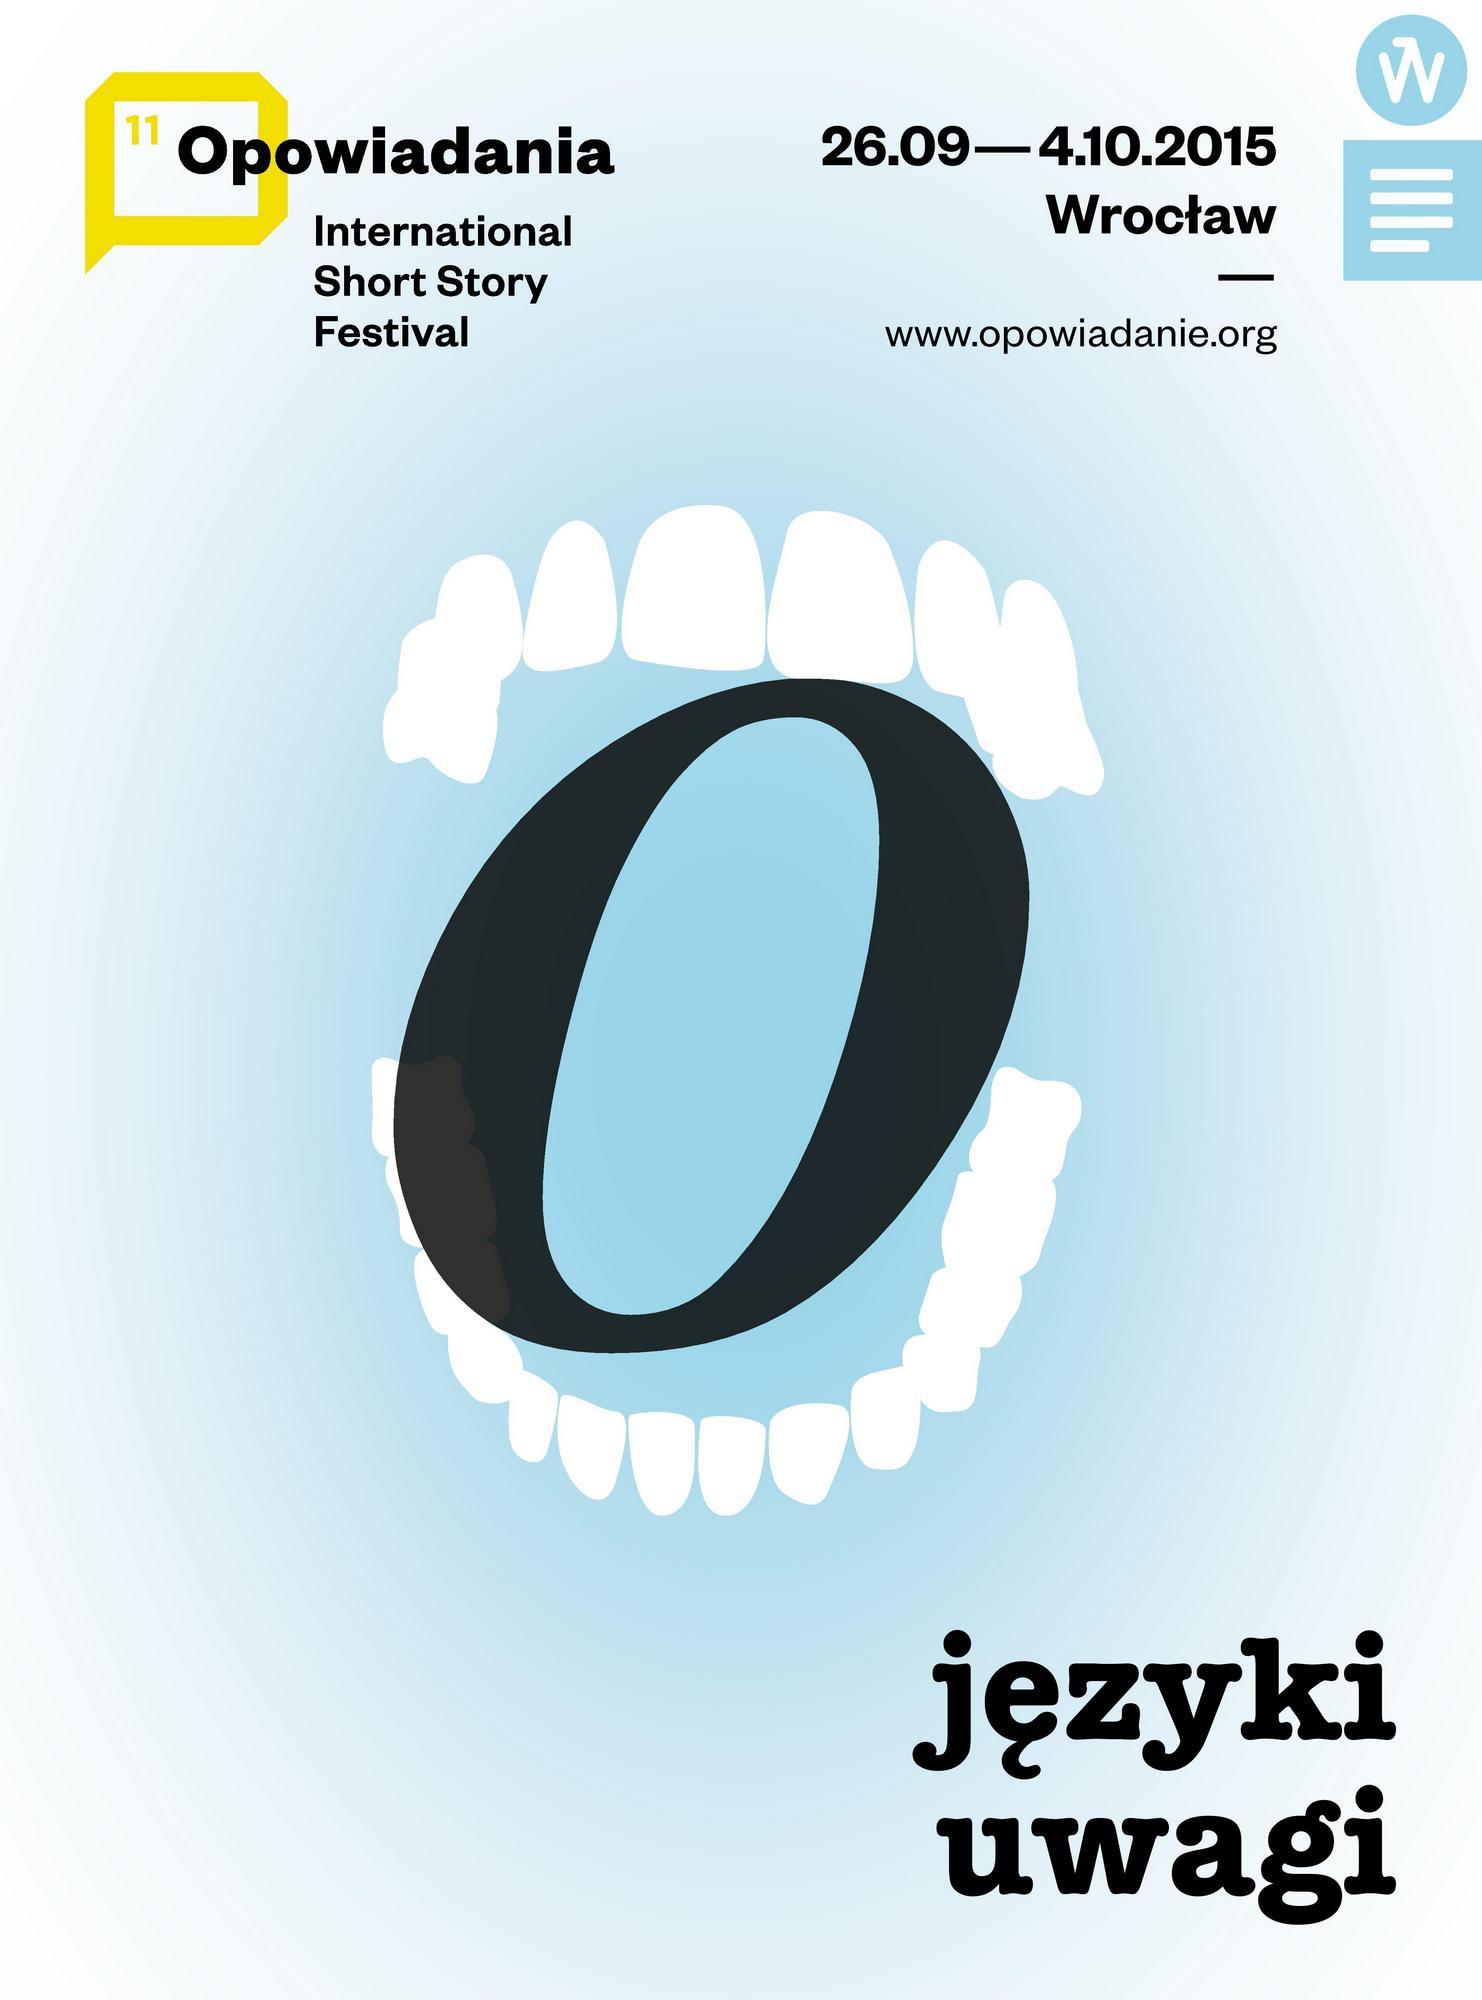 11. Międzynarodowy Festiwal Opowiadania – plakat (źródło: materiały prasowe organizatora)